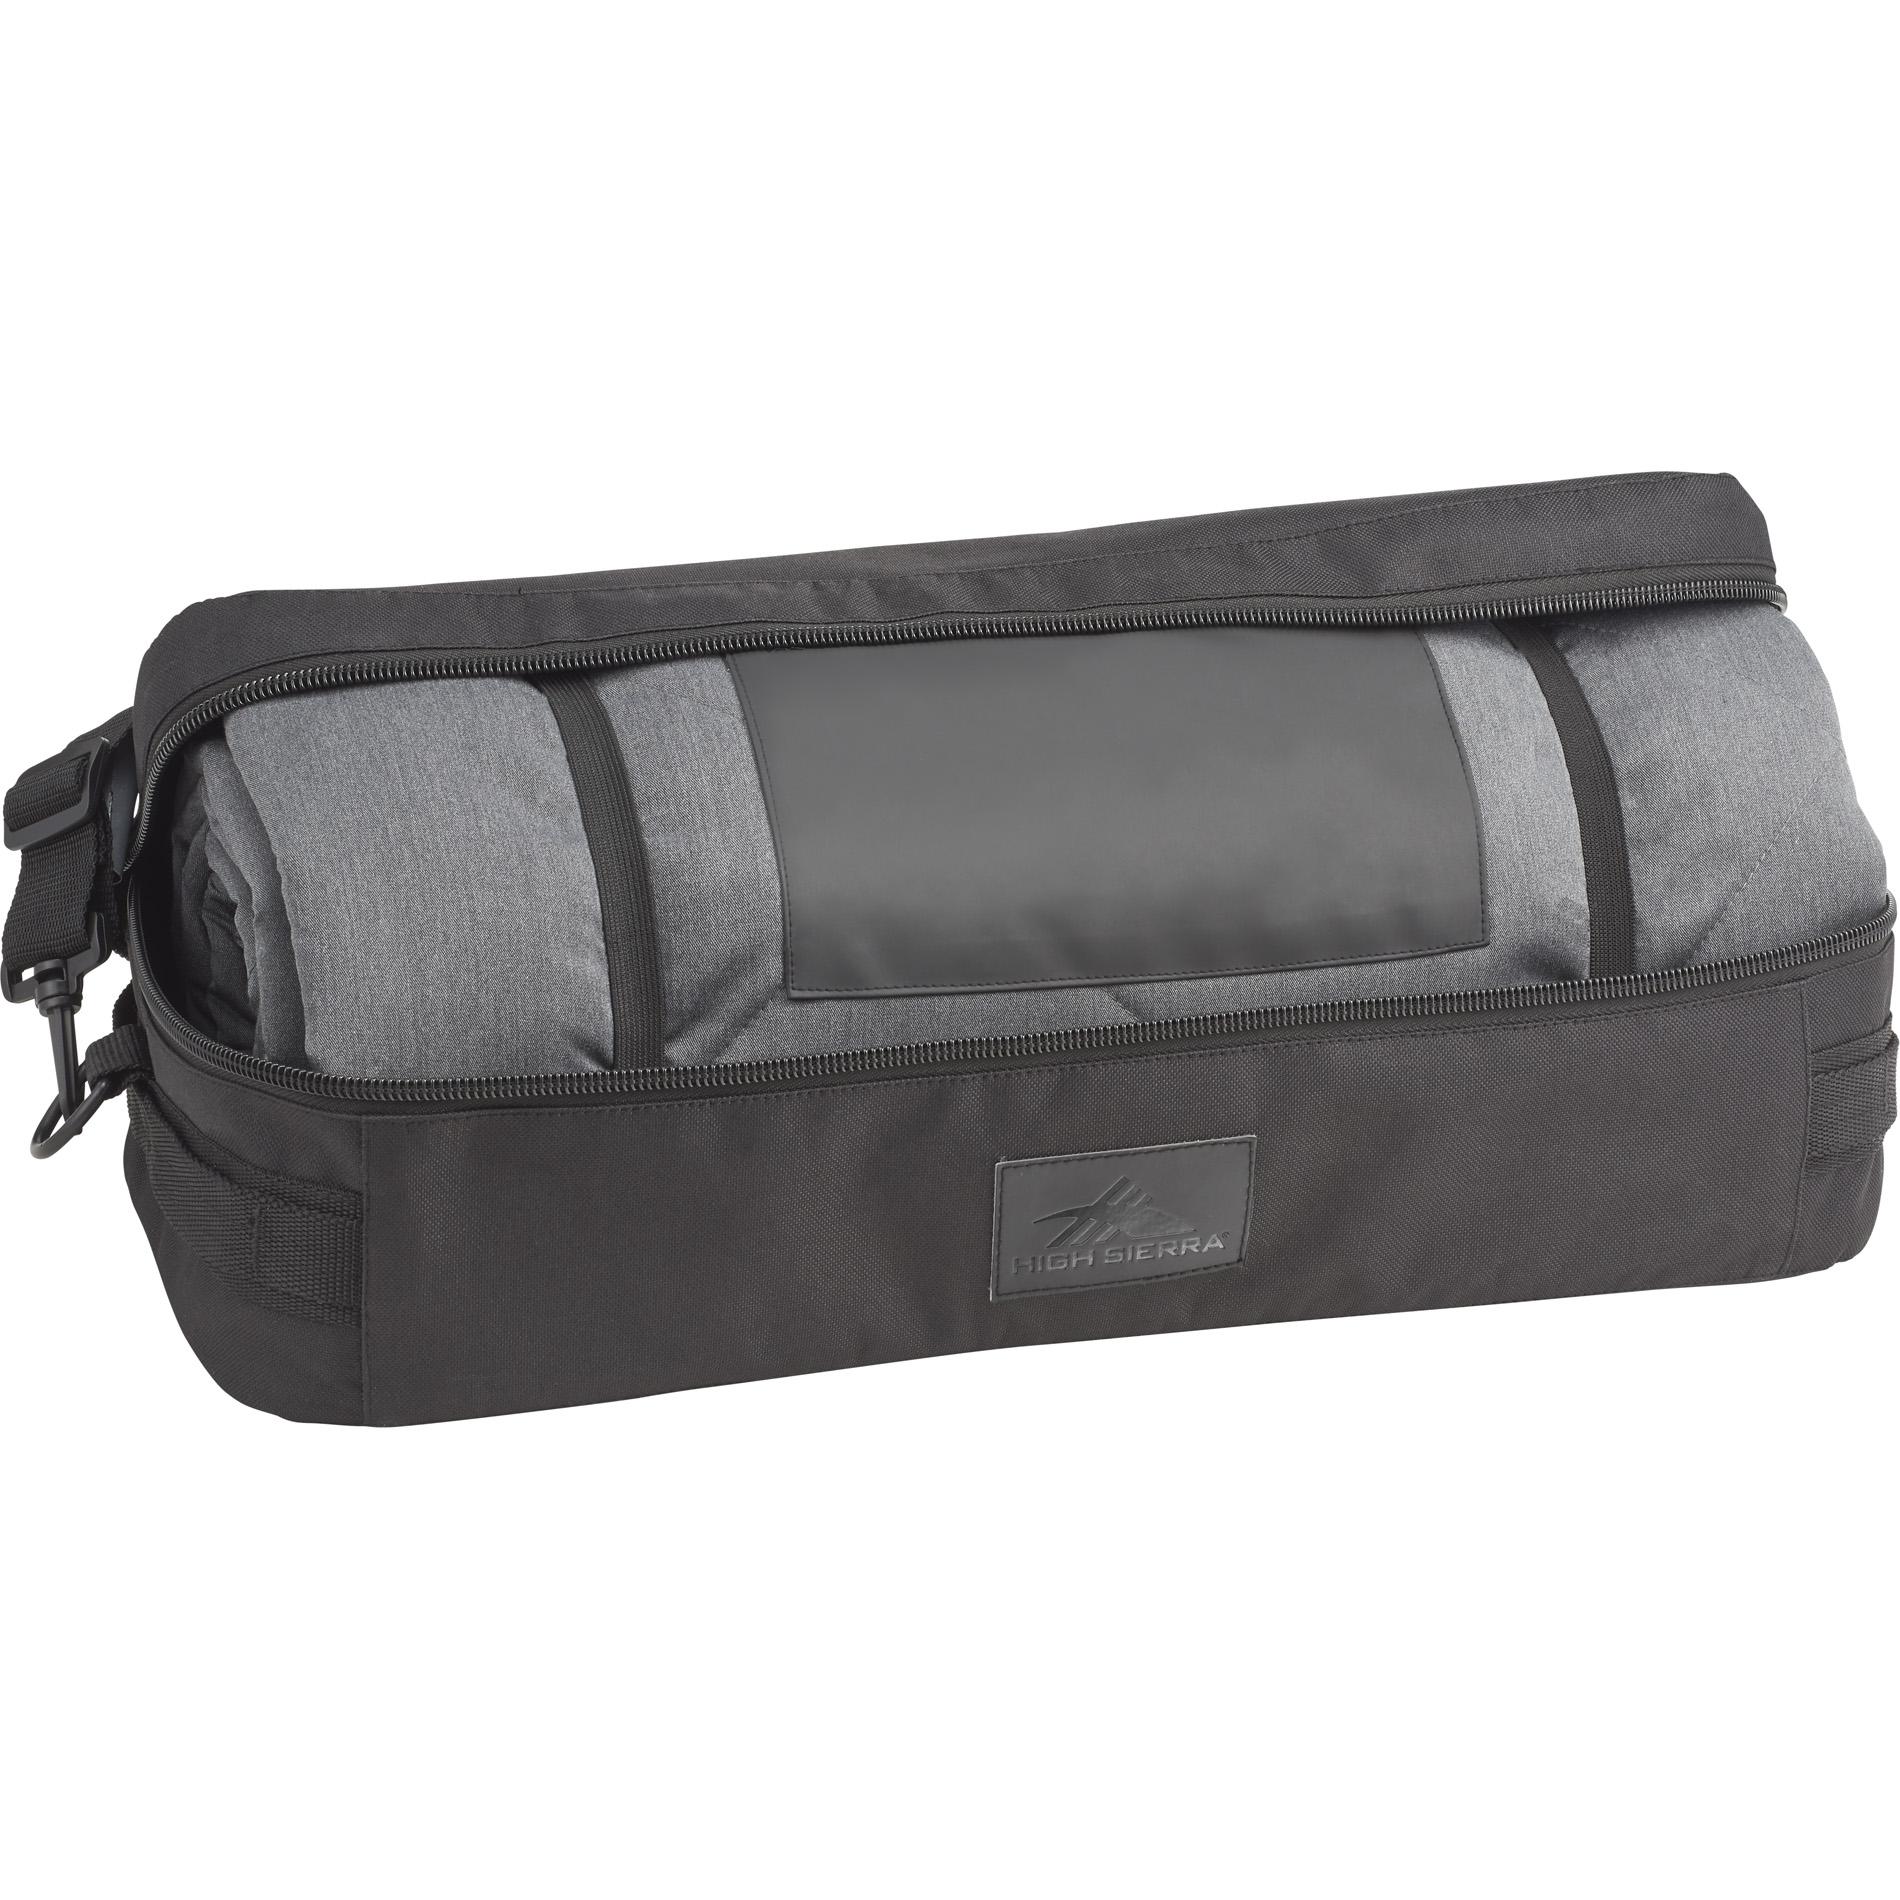 High Sierra 8052-85 - Oversized Heavy Duty Blanket with ...